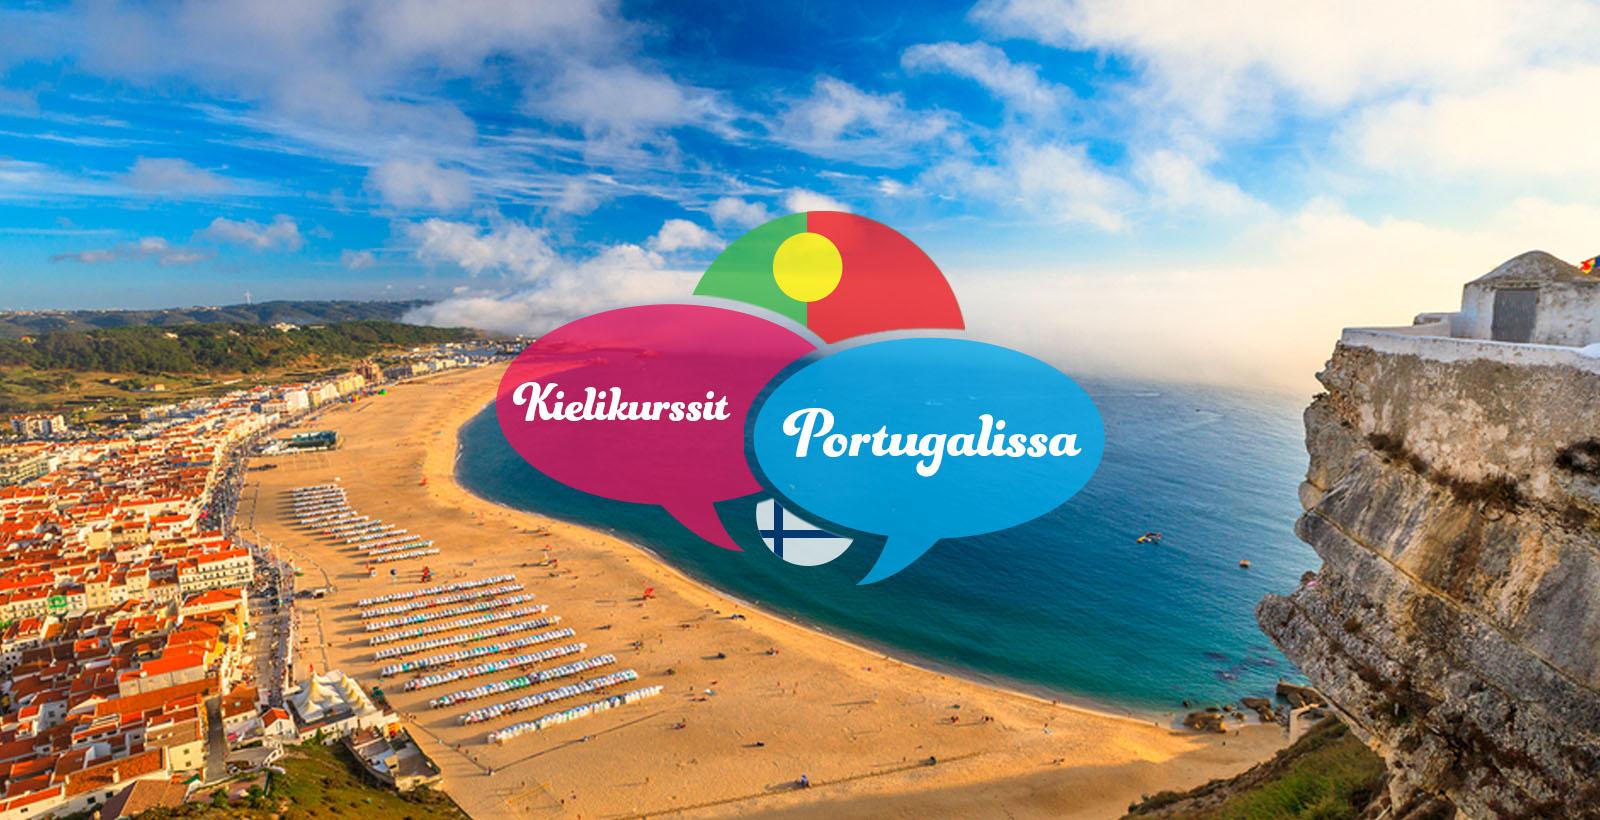 Kielikurssit Portugalissa